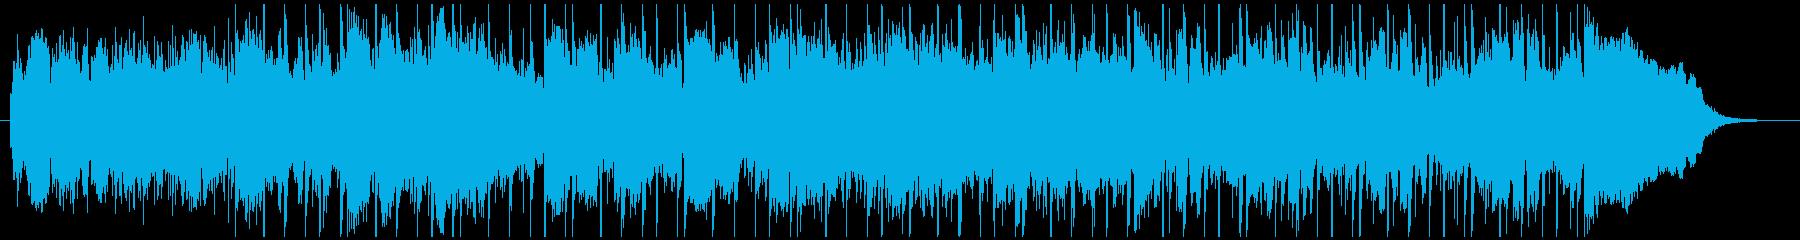 ブレイクビート 燃焼 テクノロジー...の再生済みの波形